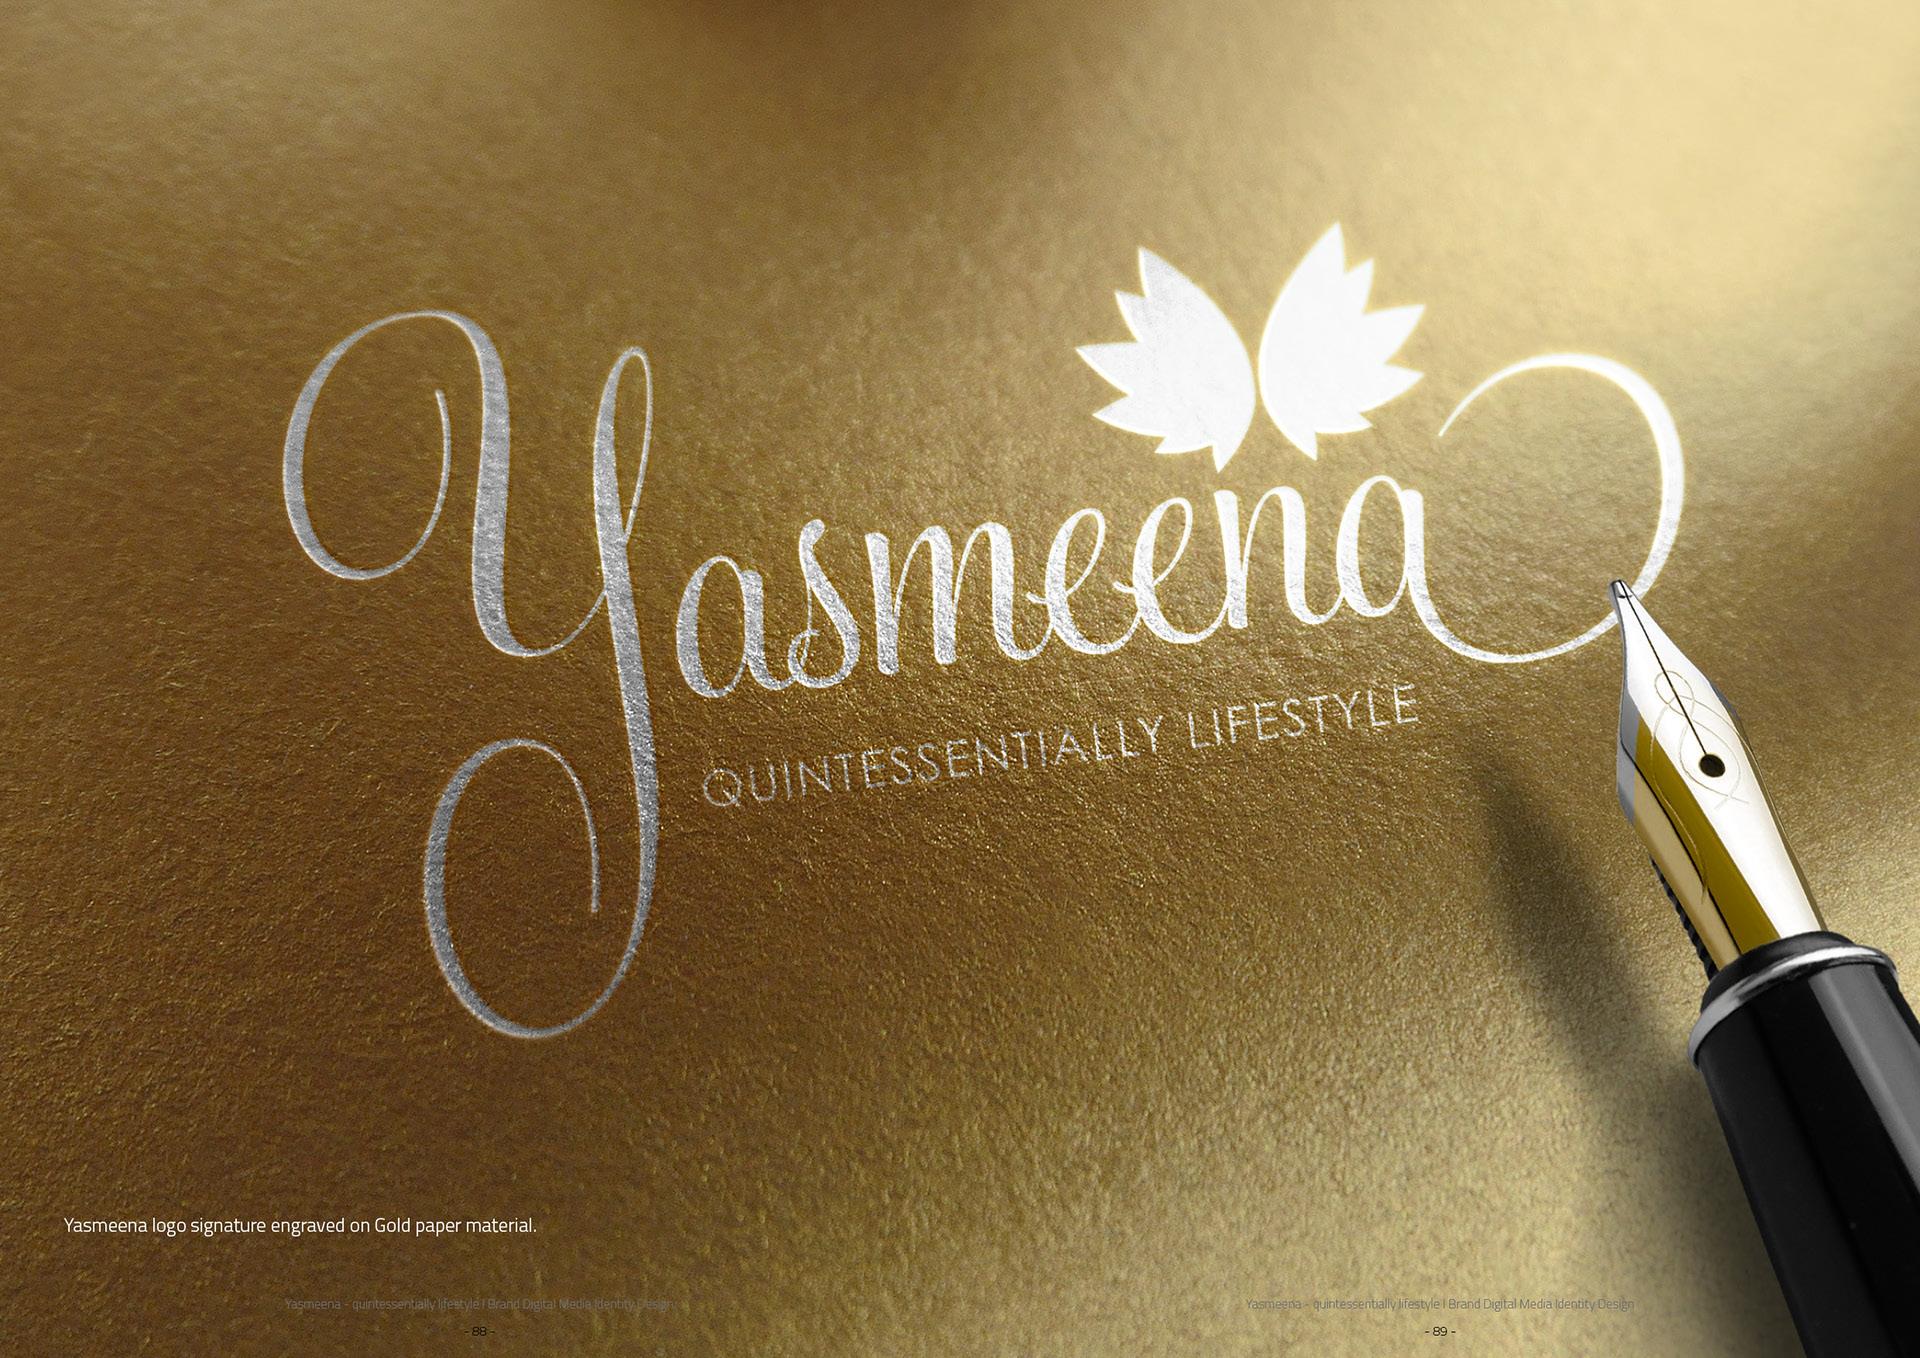 Yasmeena